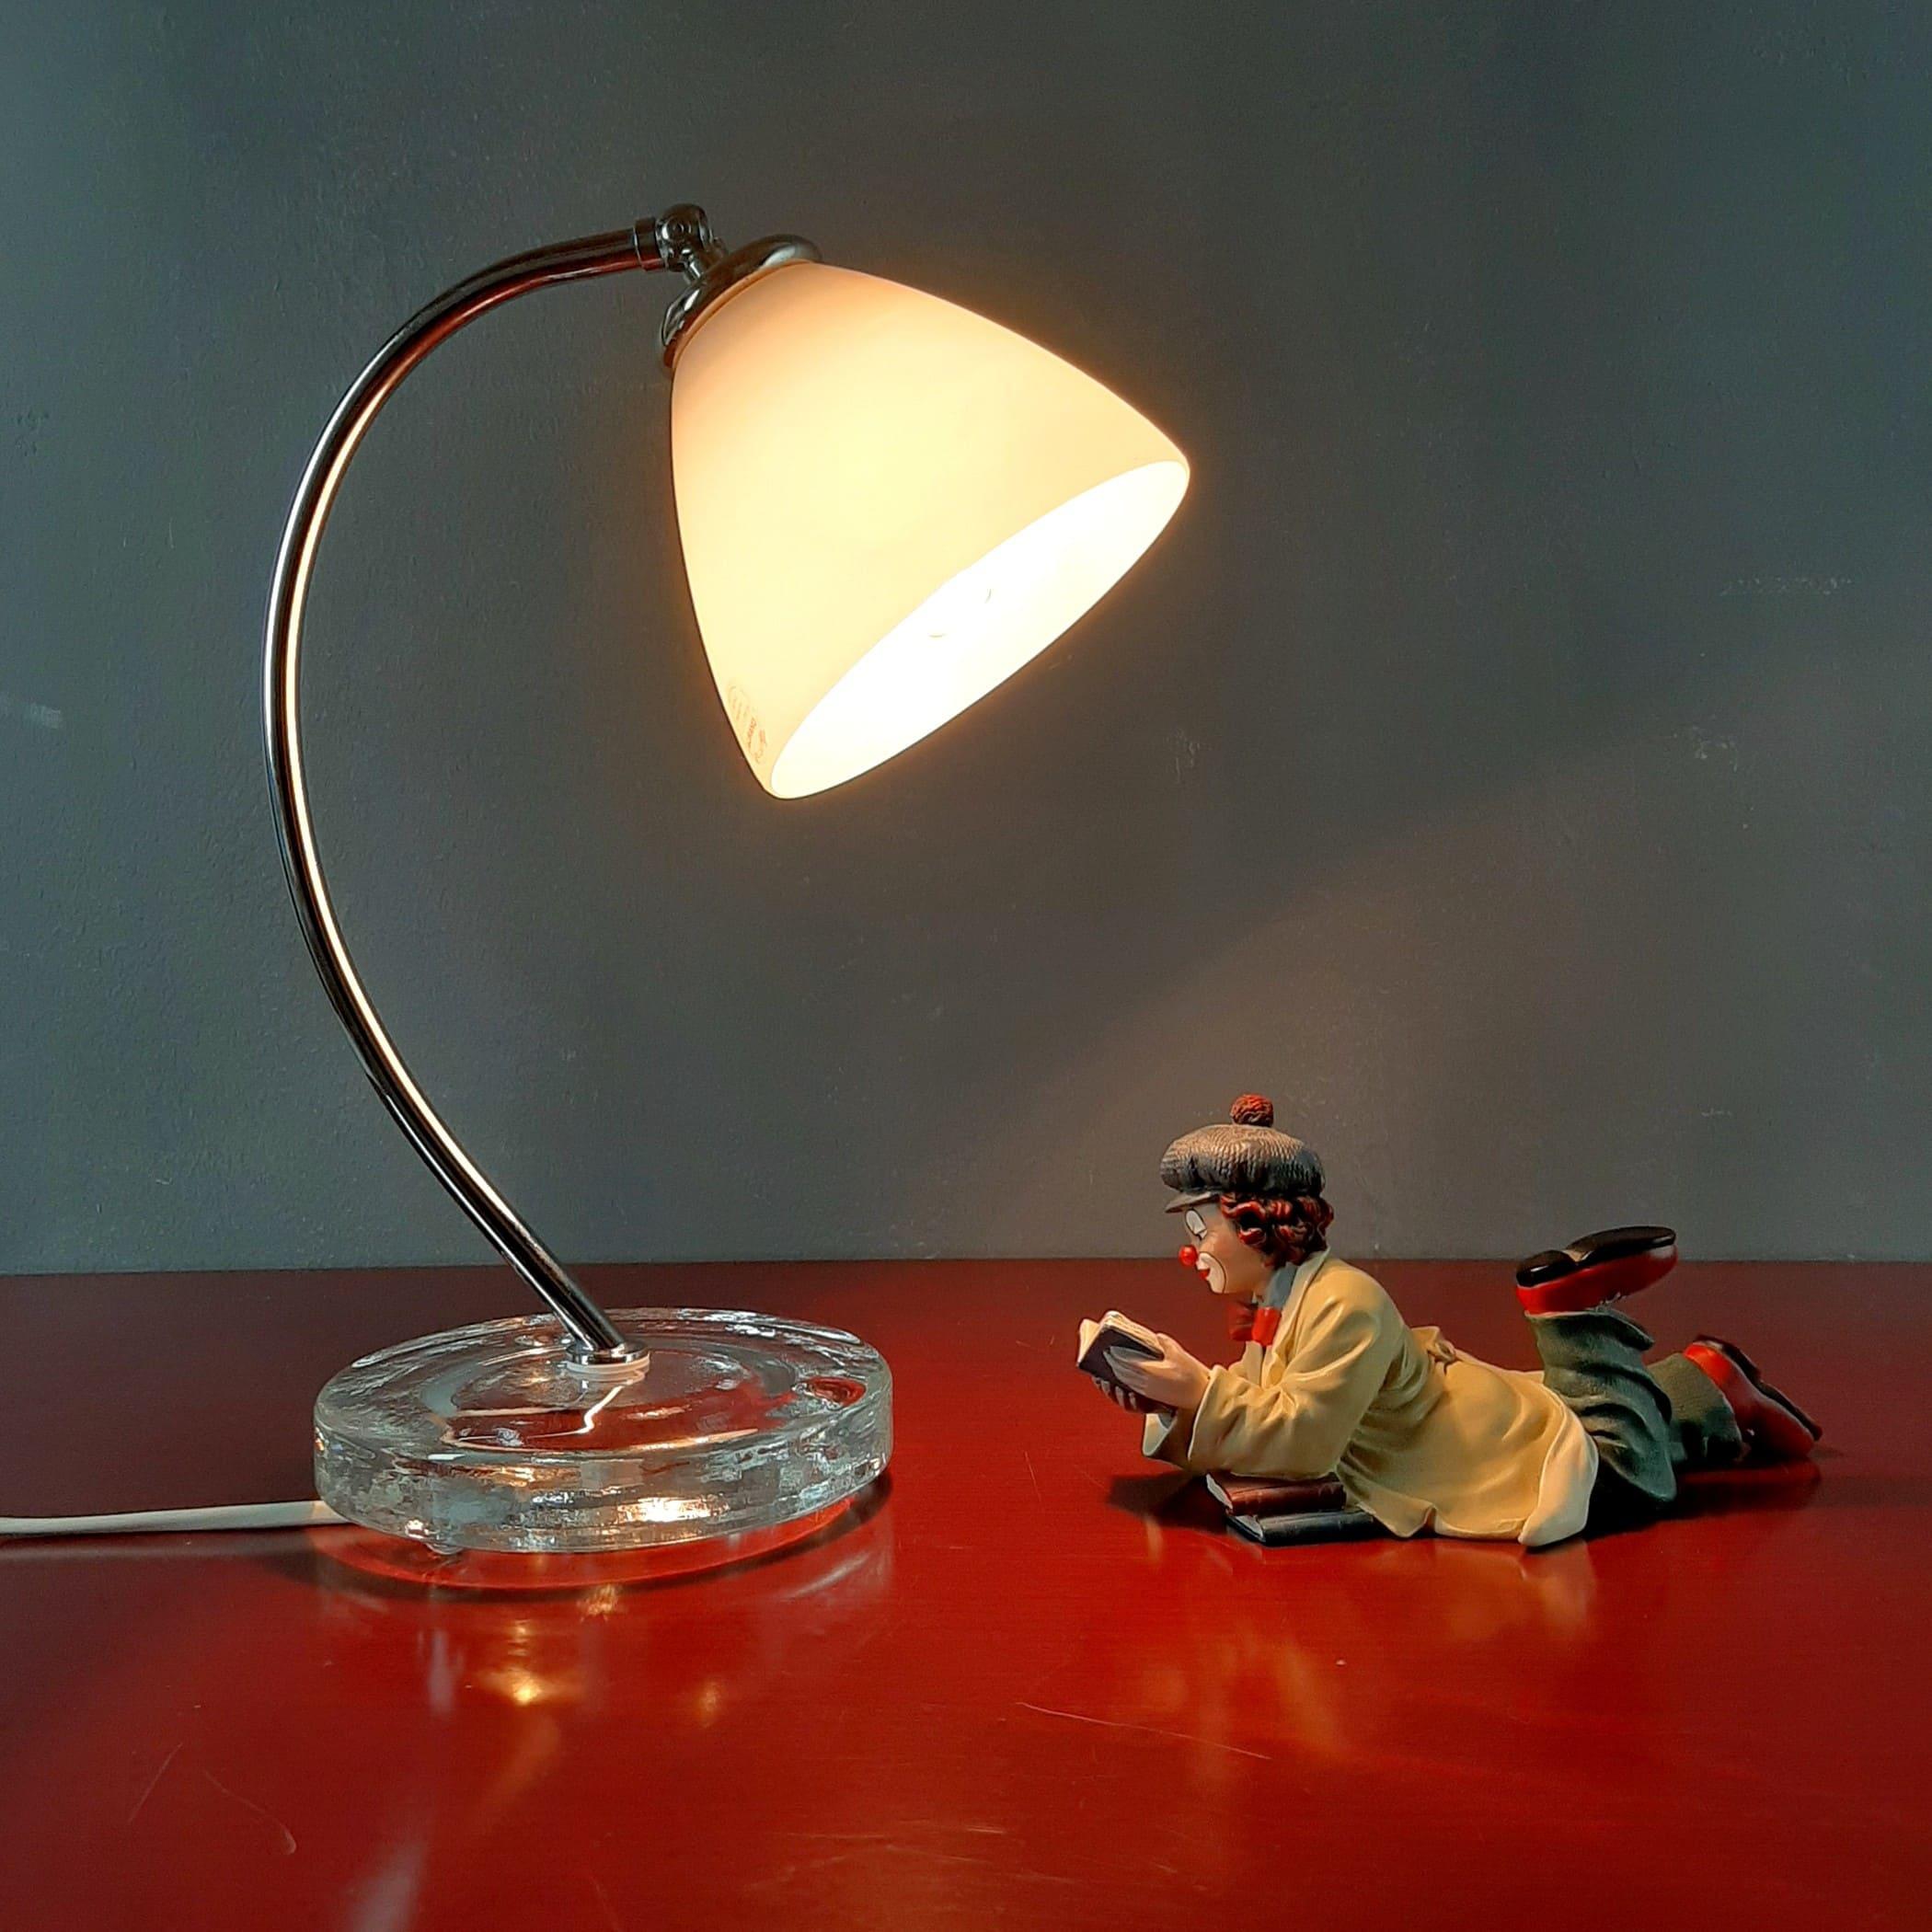 Retro murano glass table lamp Italy 1990s Night vetro murano lamp